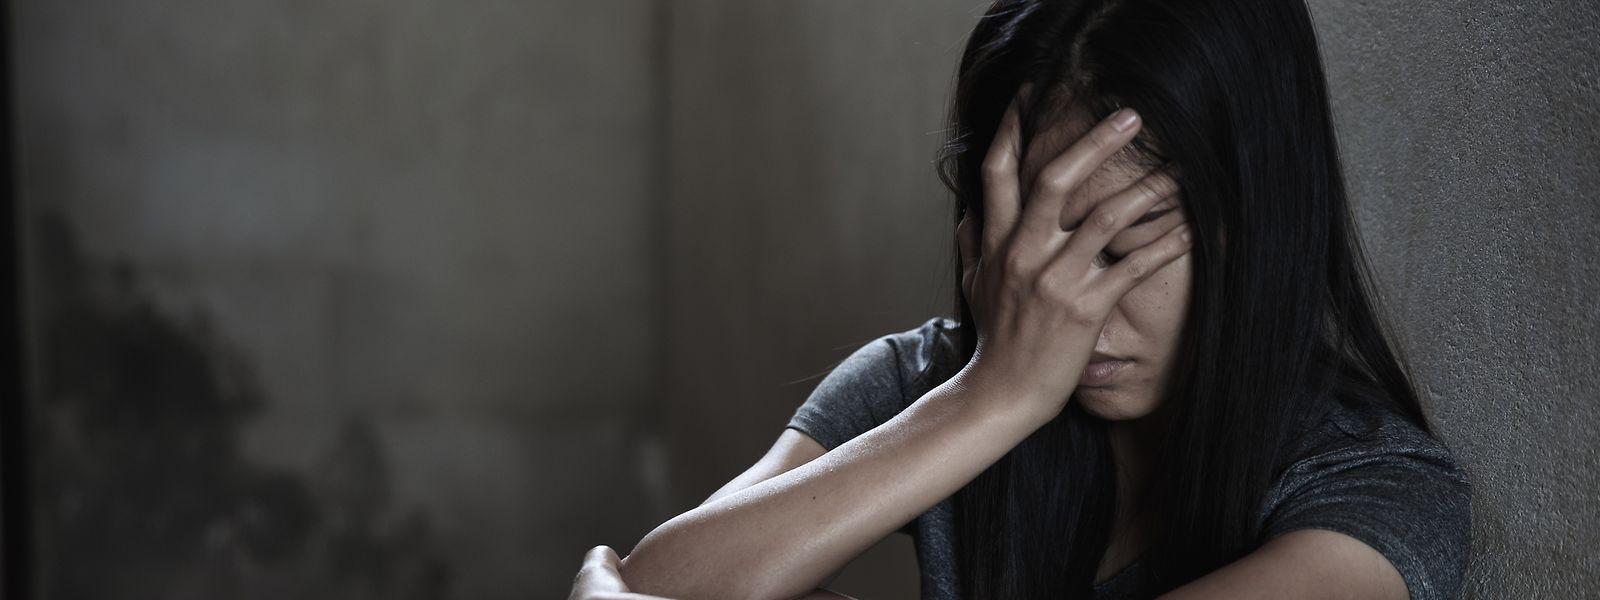 Die Pandemie und die damit verbundenen Lockdowns haben vielen jungen Frauen, die aus der Prostitution ausgestiegen sind, die neue Existenzgrundlage wieder entzogen.